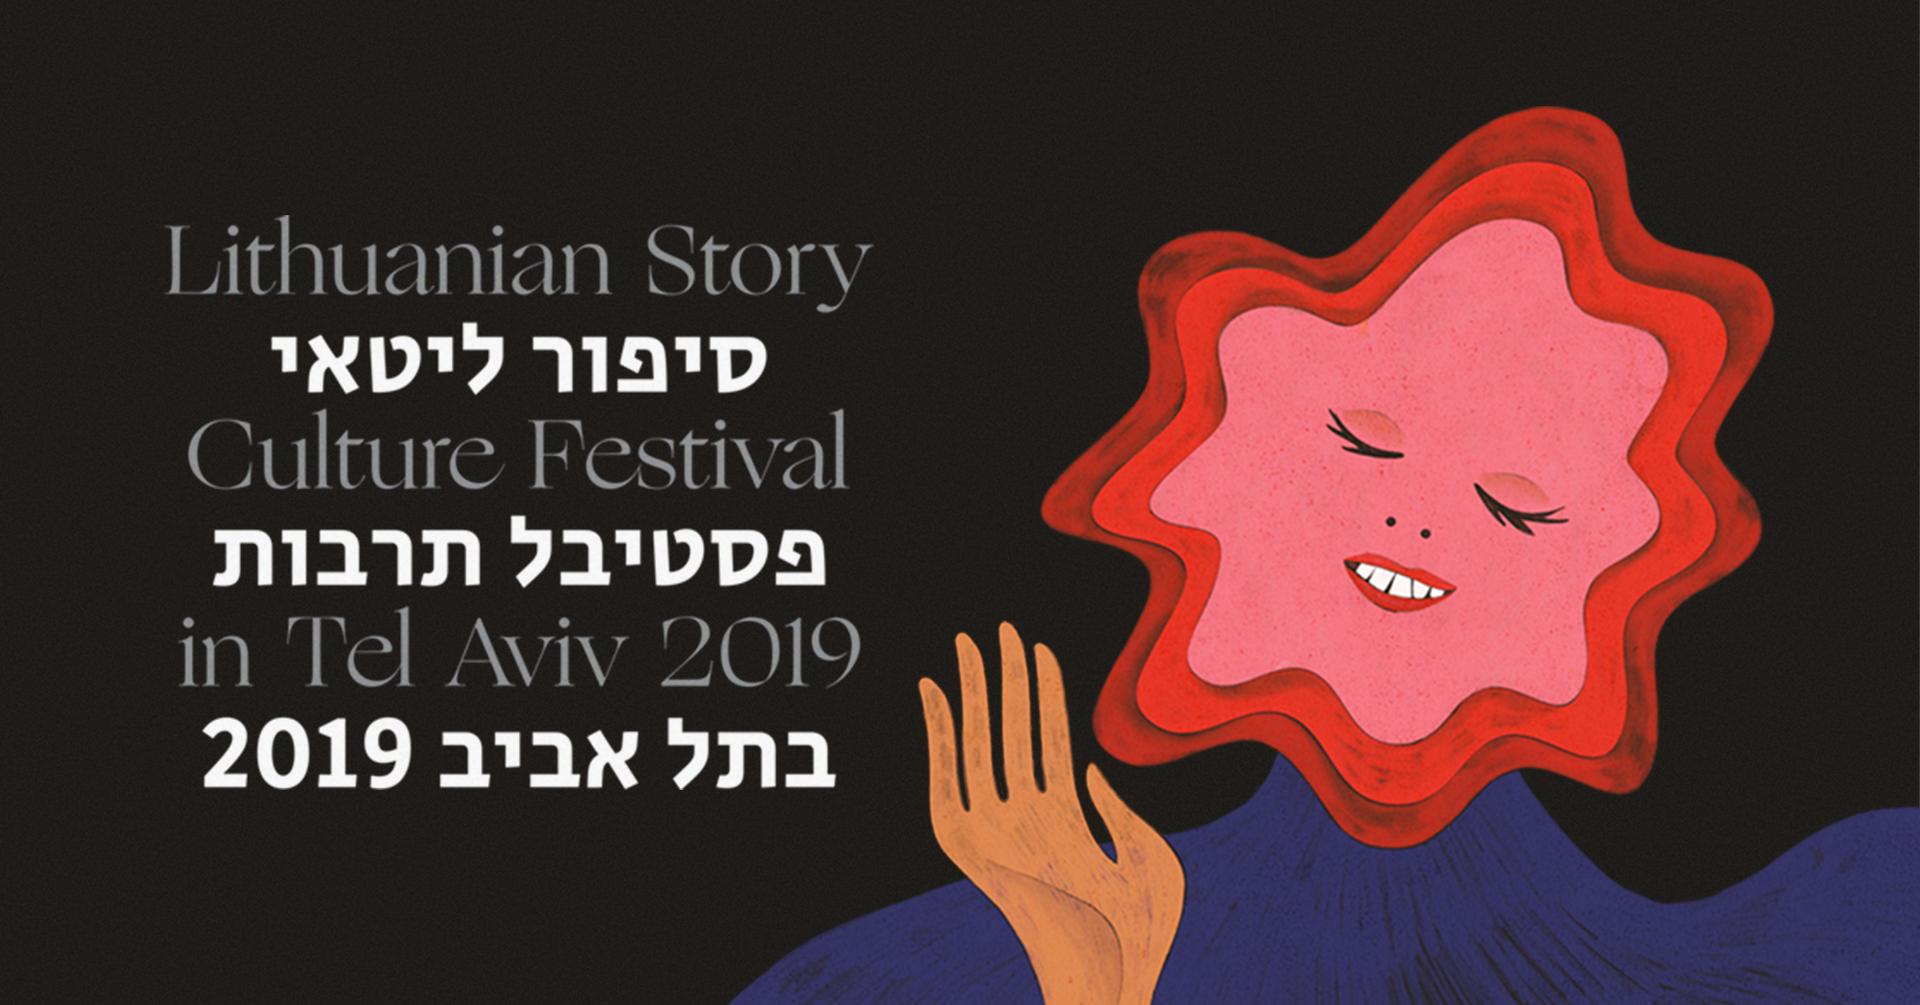 Lietuviškas pasakojimas. Kultūros festivalis Tel Avive 2019